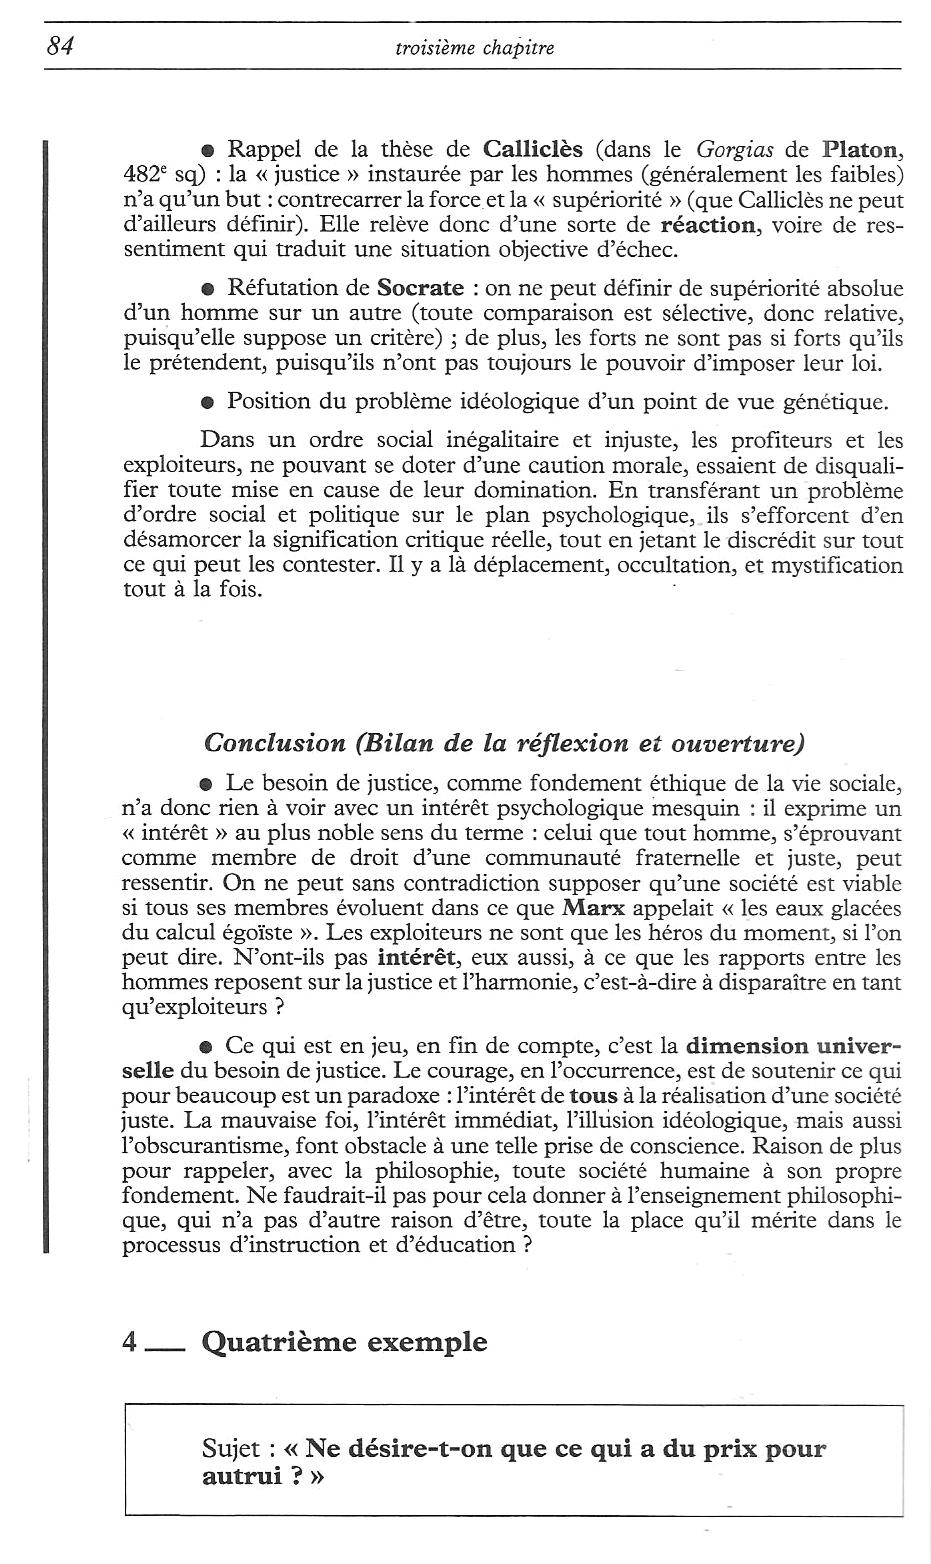 Dissertation de philosophie sur le langage